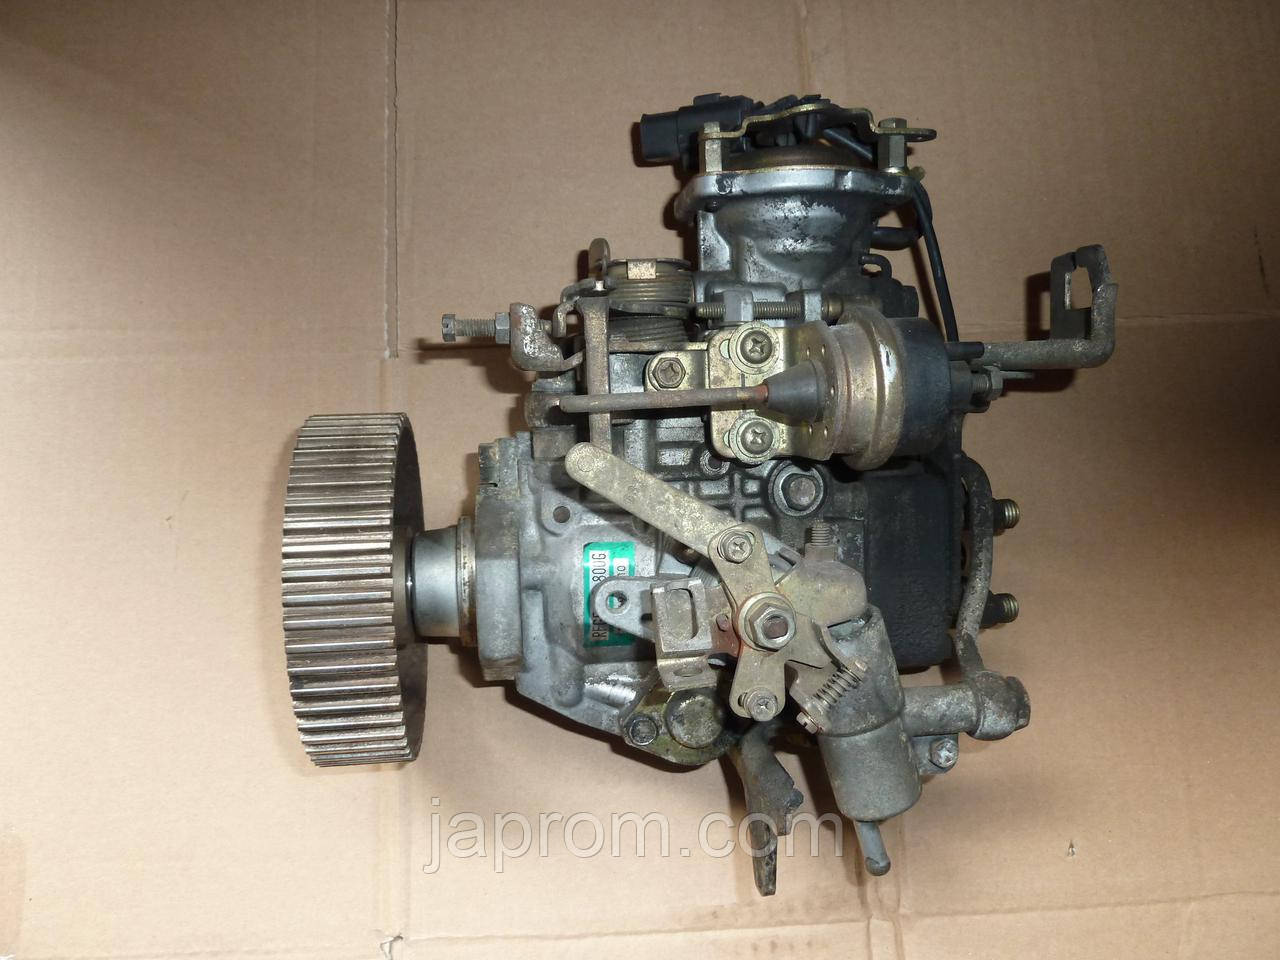 ТНВД Топливный насос высокого давления Mazda 626 GE Komprex